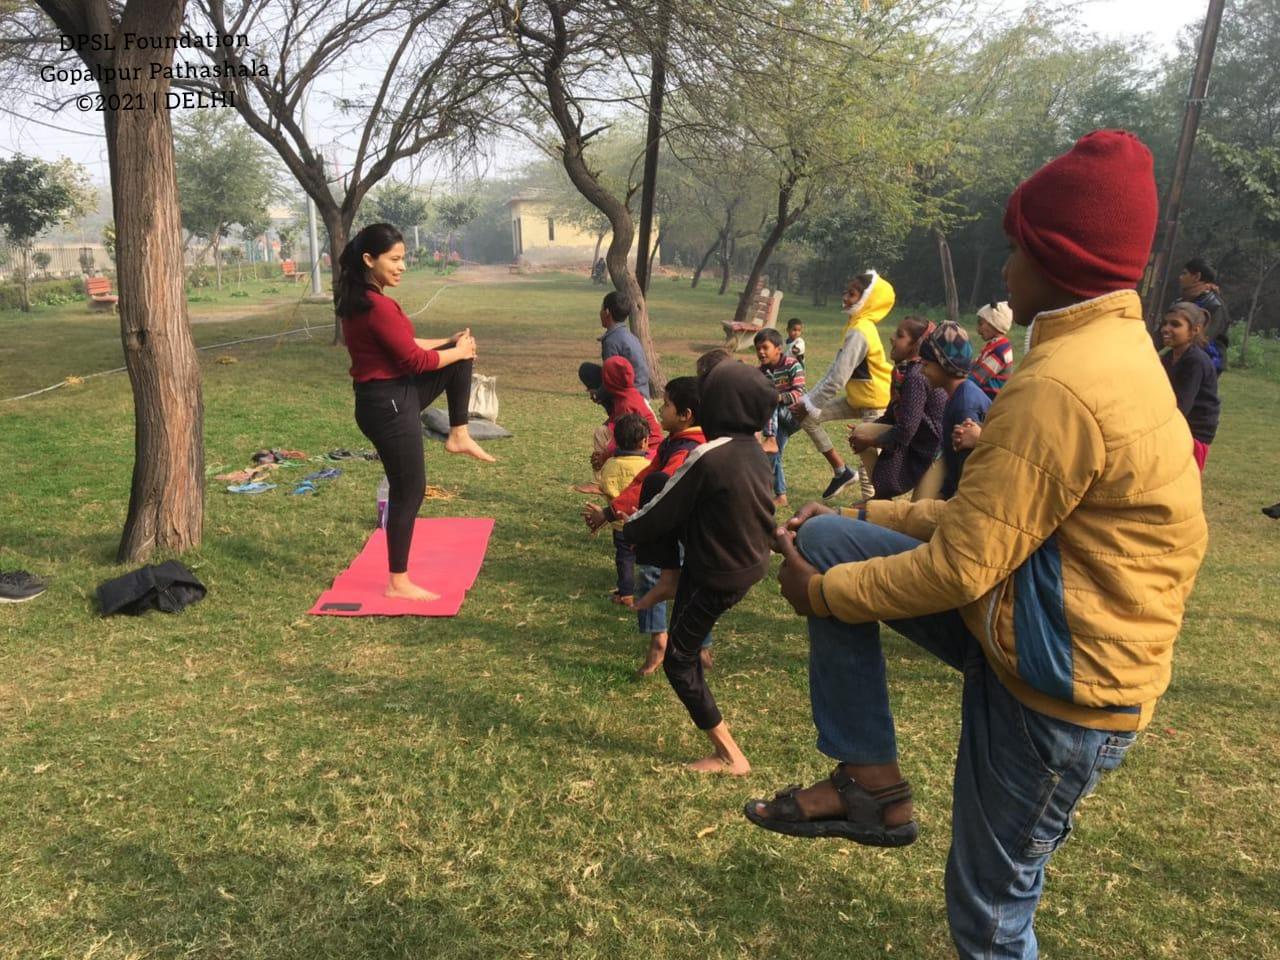 दाना पानी संस्था की गोपालपुर पाठशाला में बच्चों ने लिया योग का आंनद